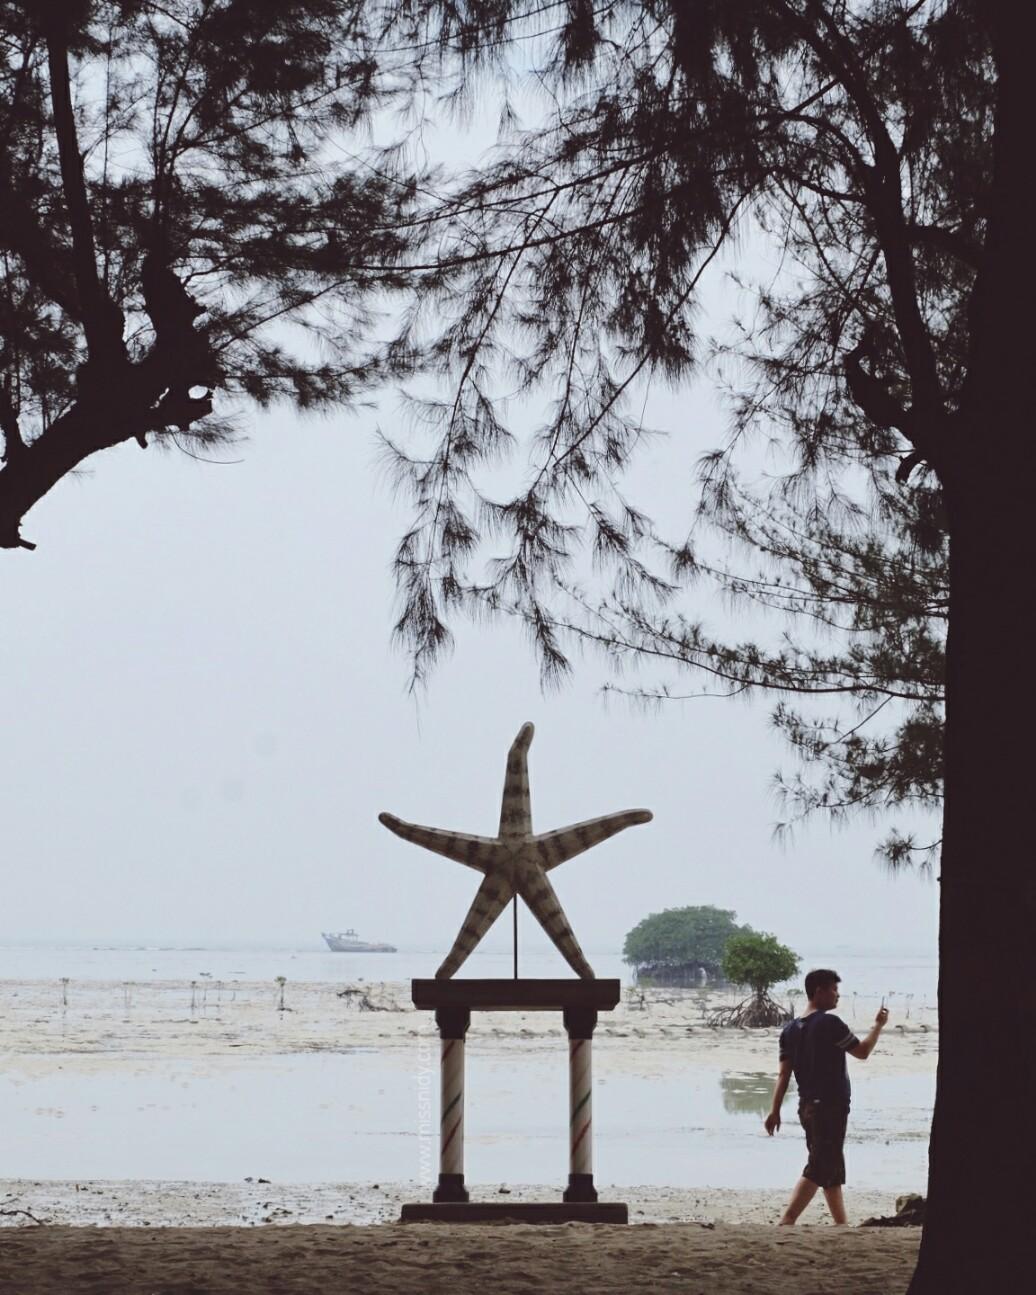 pantai bintang kepulauan seribu